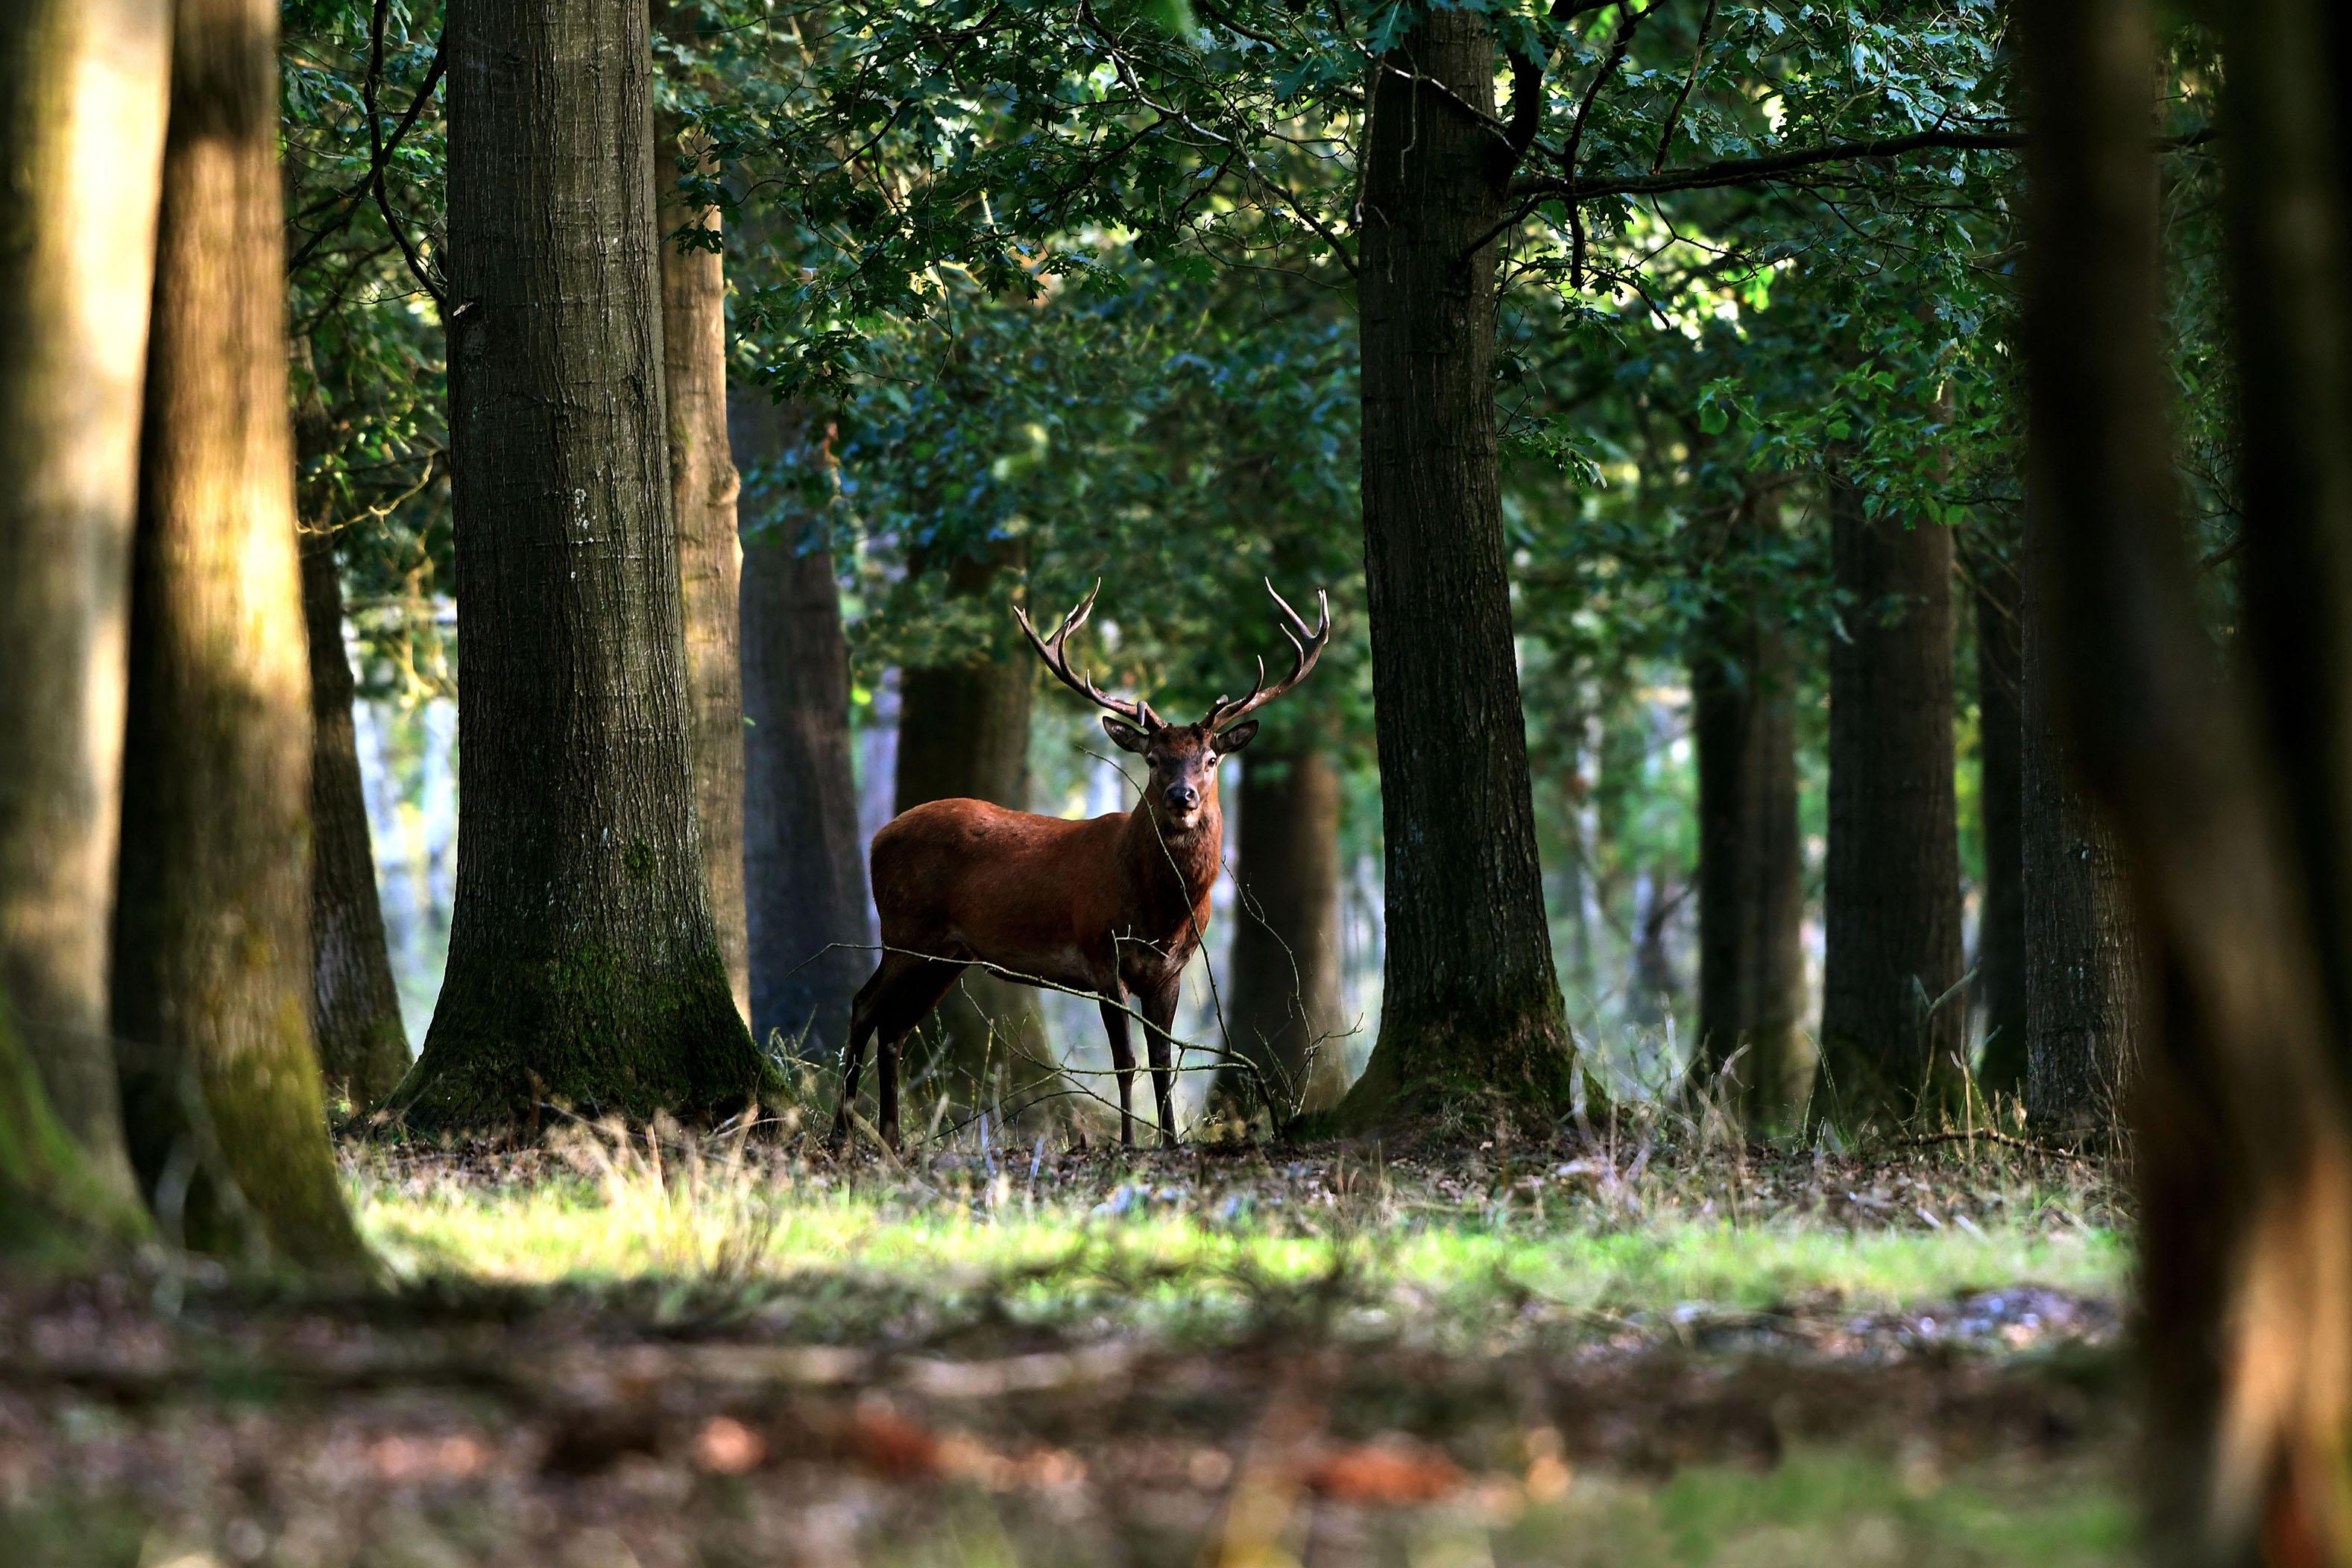 Ineens verschijnt er een oneven 16-ender tussen de bomen in het bos – Foto: ©Louis Fraanje